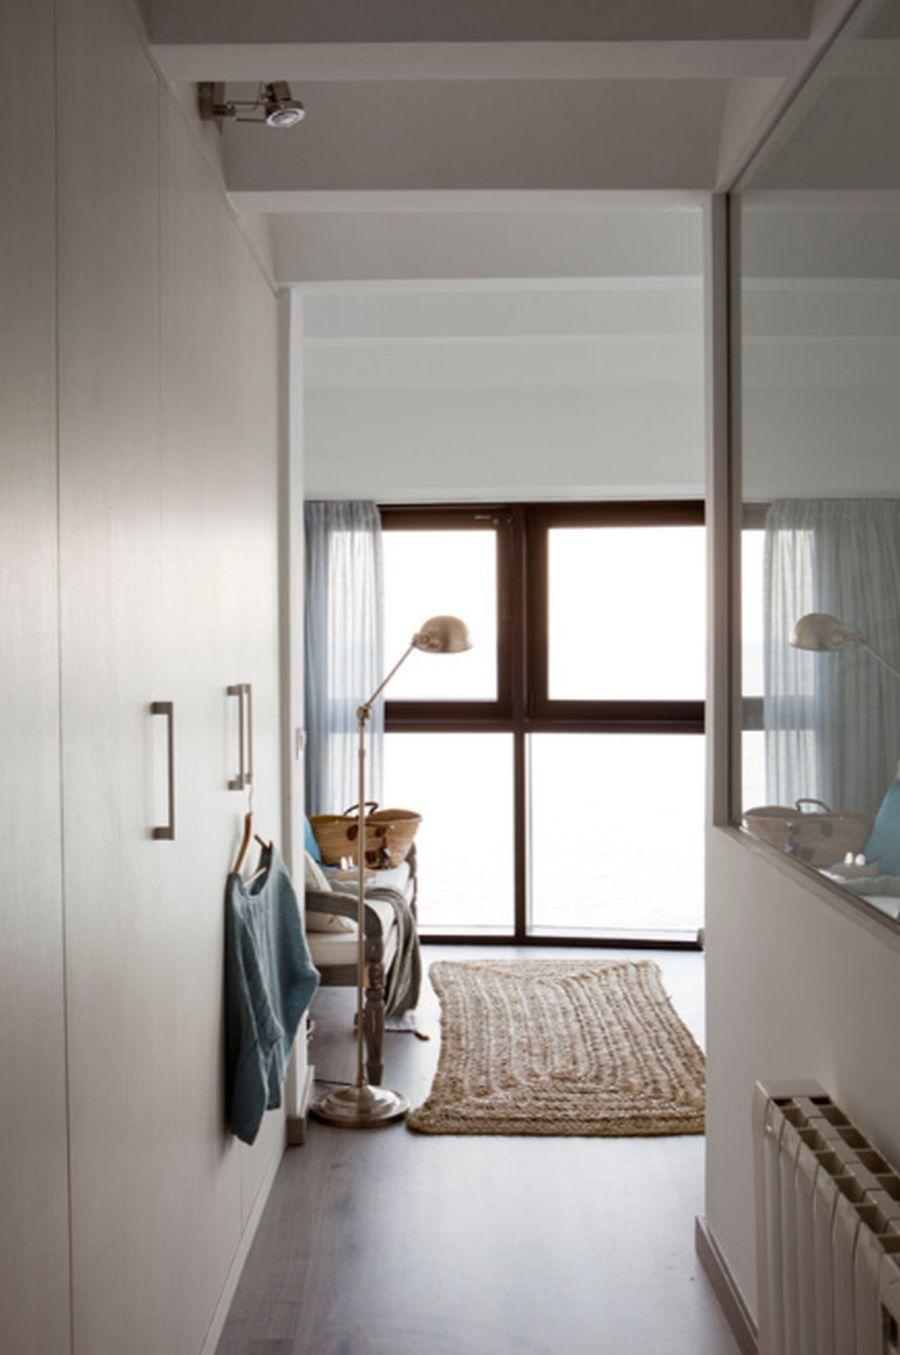 adelaparvu.com despre apartament duplex cu vedere la mare, Costa Brava, designer Pia Capdevila (20)